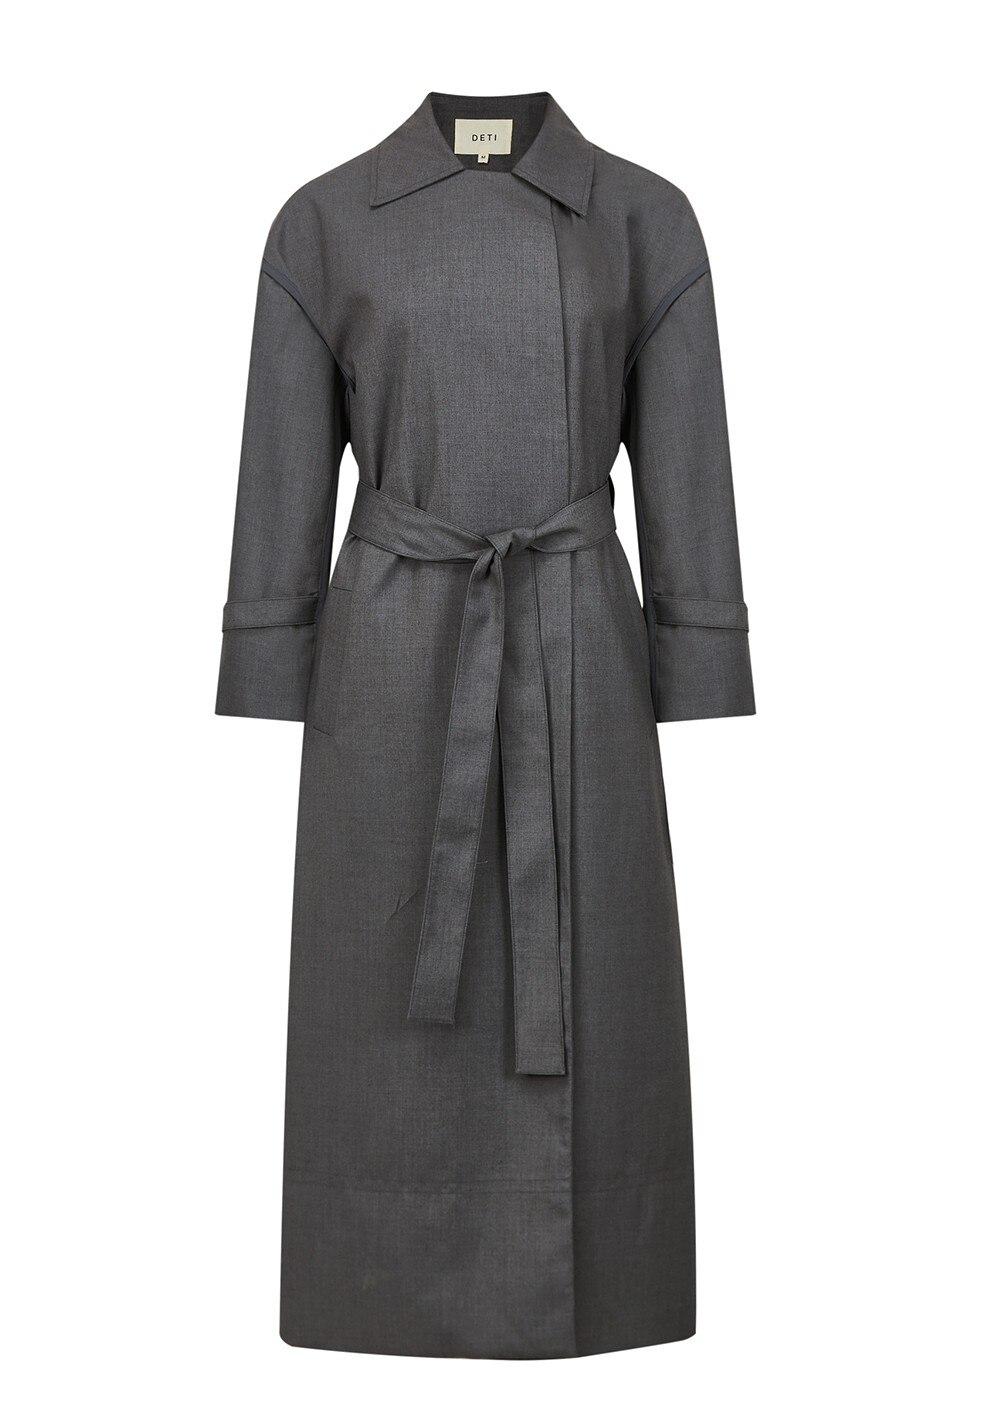 طية صدر السترة طويلة الأكمام التفاف معطف خندق مع حزام